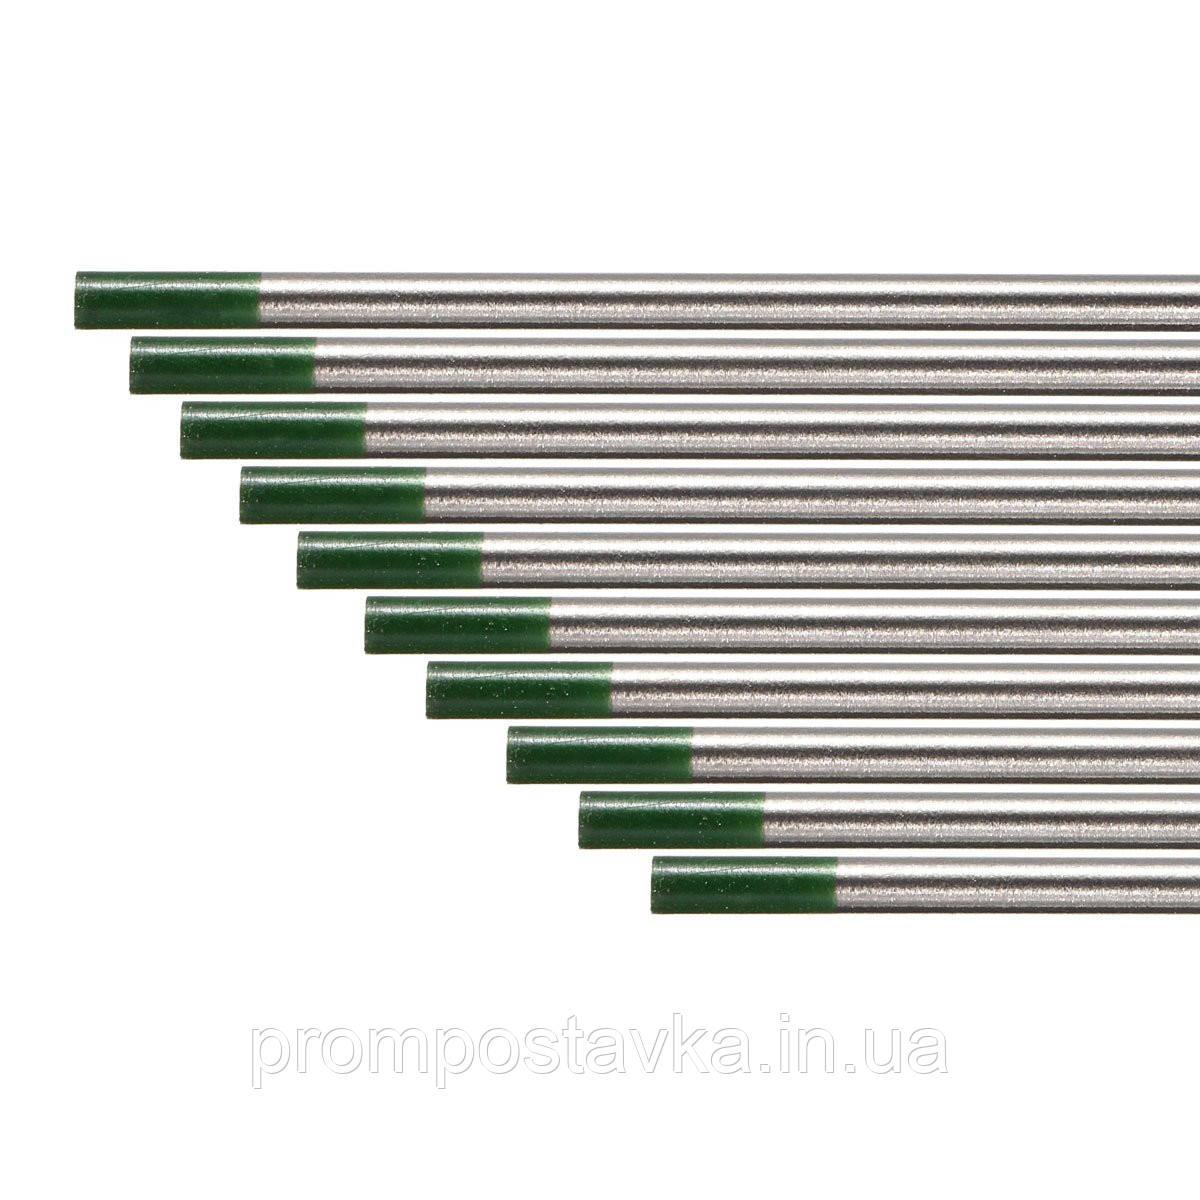 Вольфрамовые электроды  WP в ассортименте (отгрузка от 10шт)